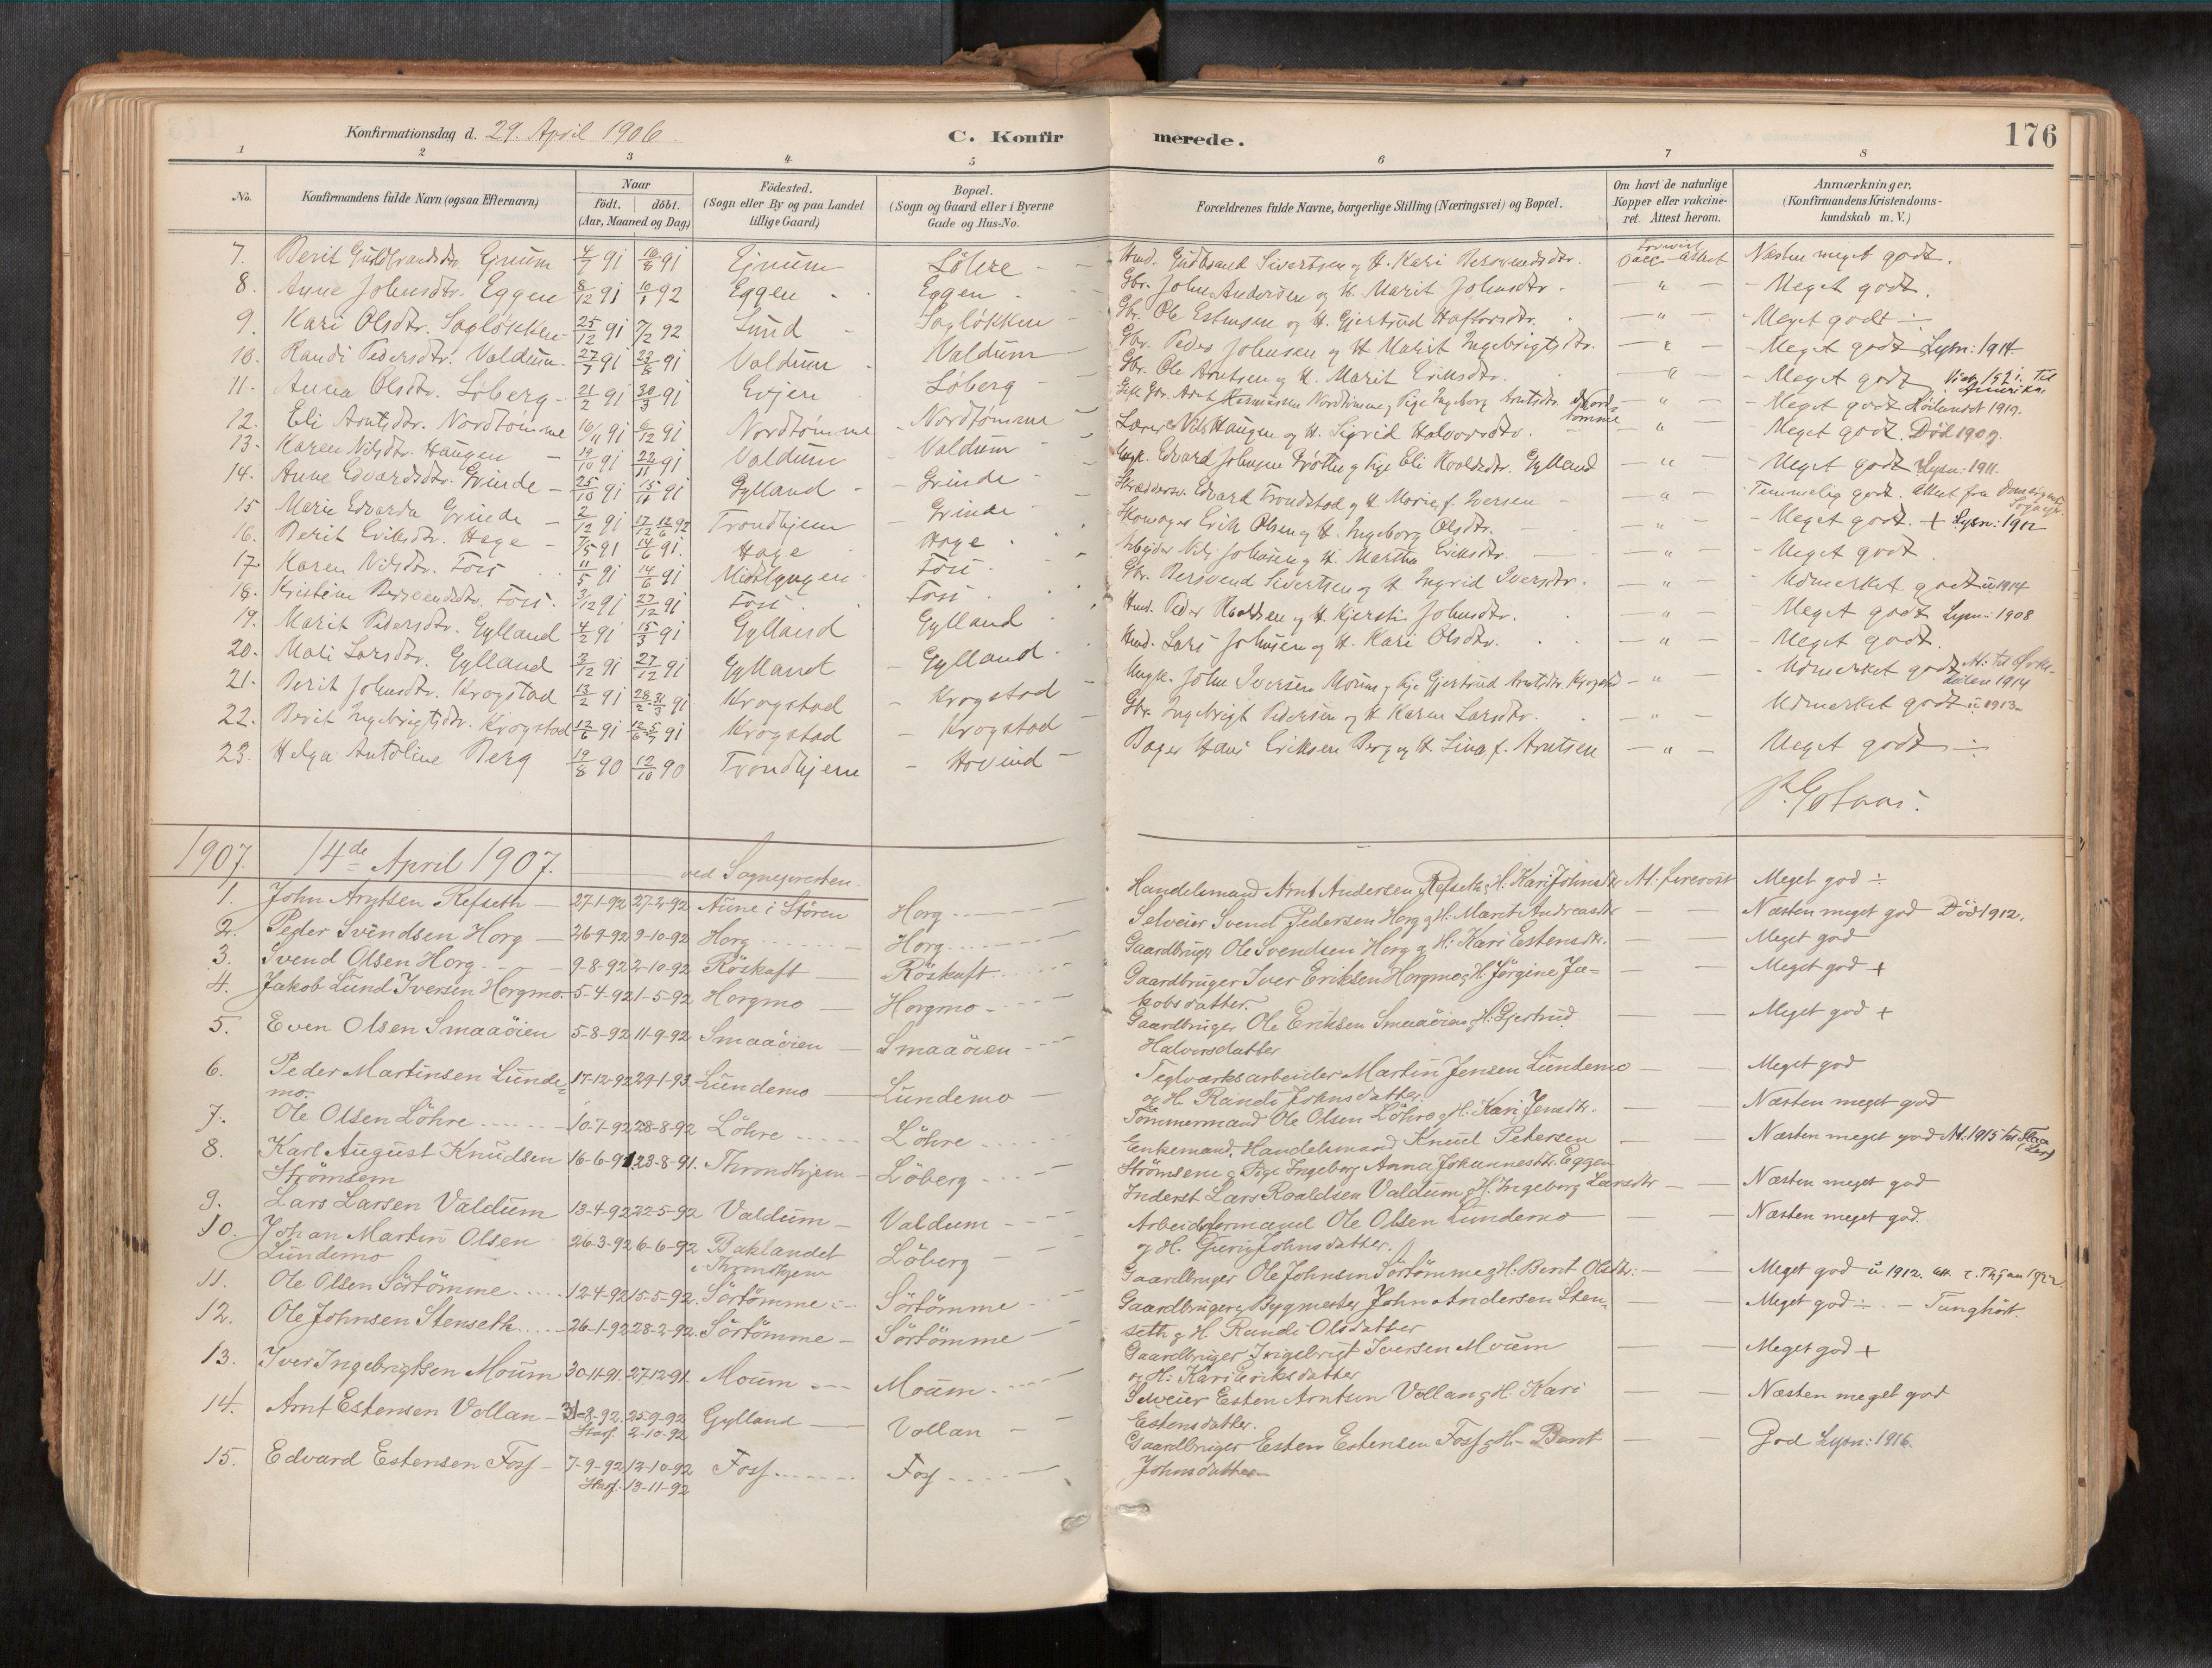 SAT, Ministerialprotokoller, klokkerbøker og fødselsregistre - Sør-Trøndelag, 692/L1105b: Ministerialbok nr. 692A06, 1891-1934, s. 176